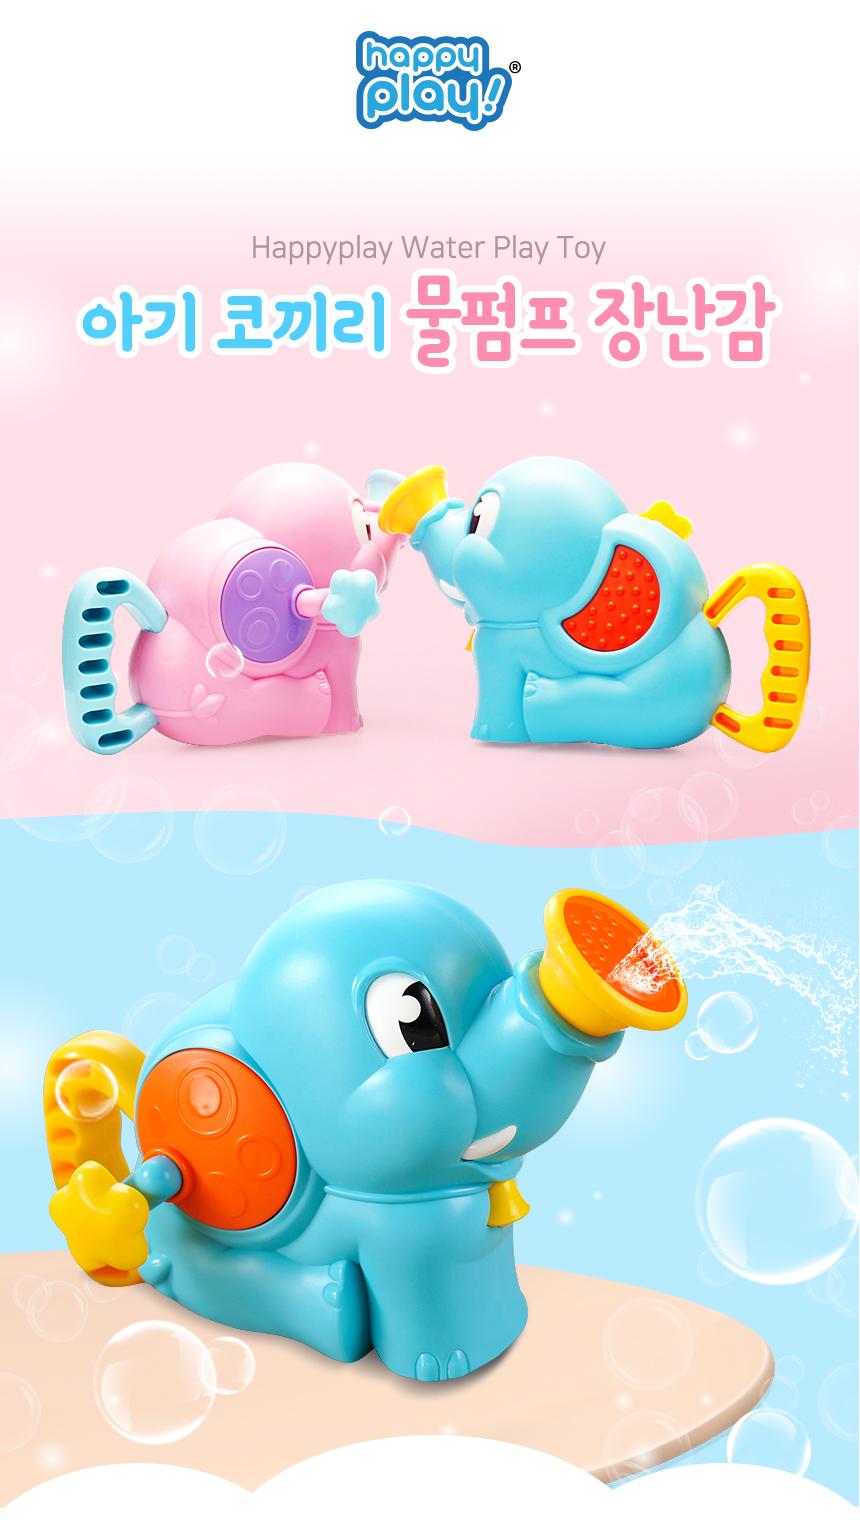 목욕놀이 코끼리 물펌프 샤워기 유아 물놀이 장난감 - 해피플레이, 18,000원, 목욕용품, 목욕장난감/소품